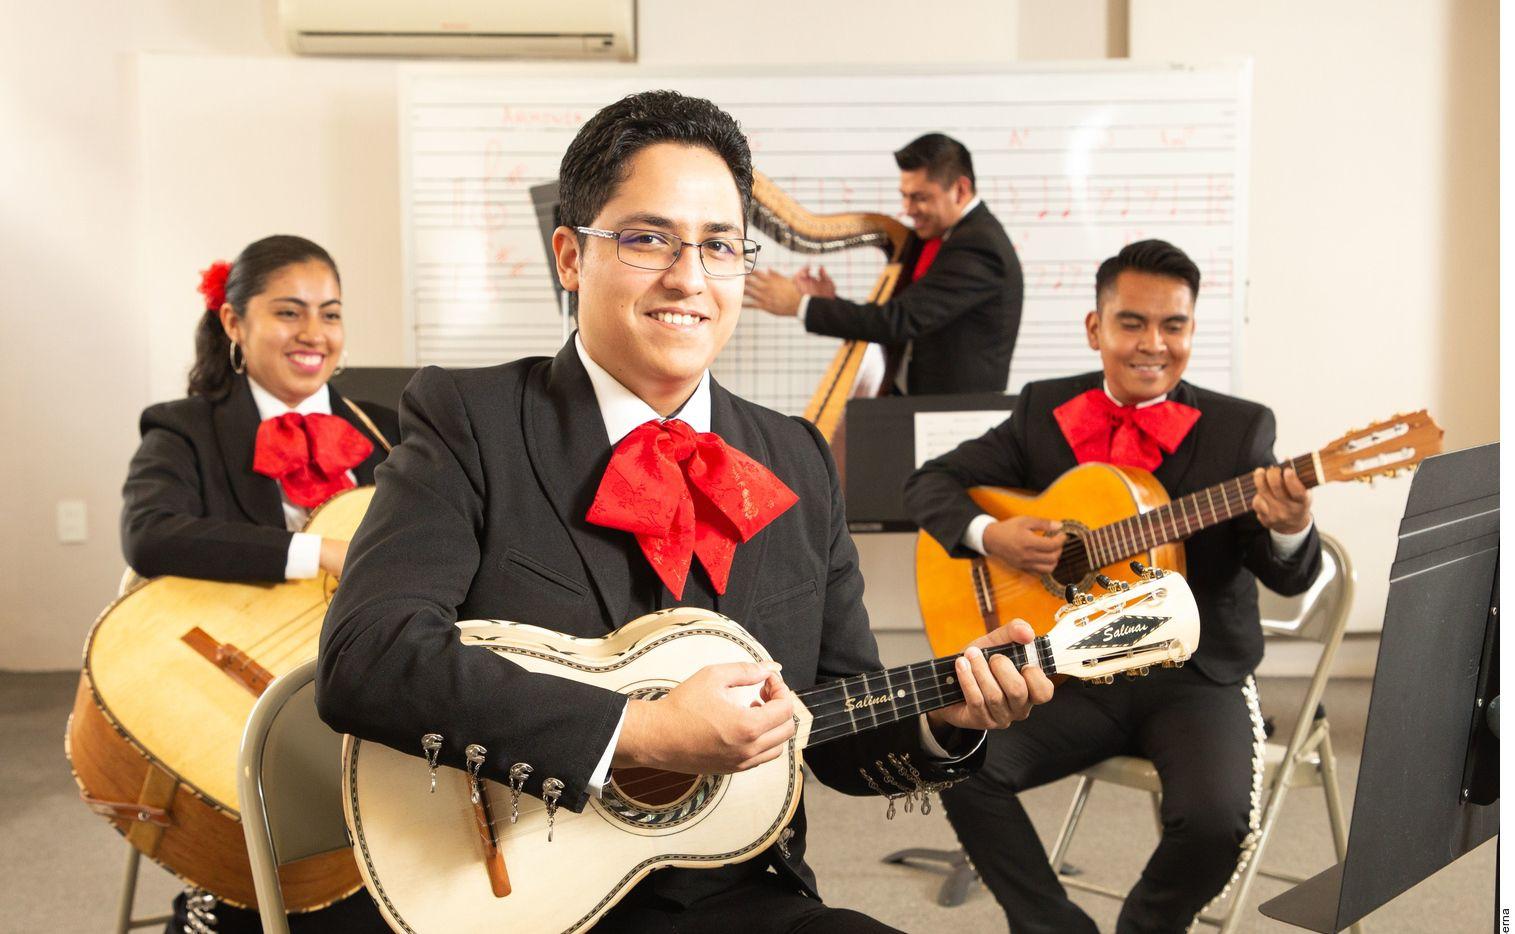 Este 10 de mayo gupos de mariachi de Garibaldi celebrarán a las mamás a través de serenatas virtuales.